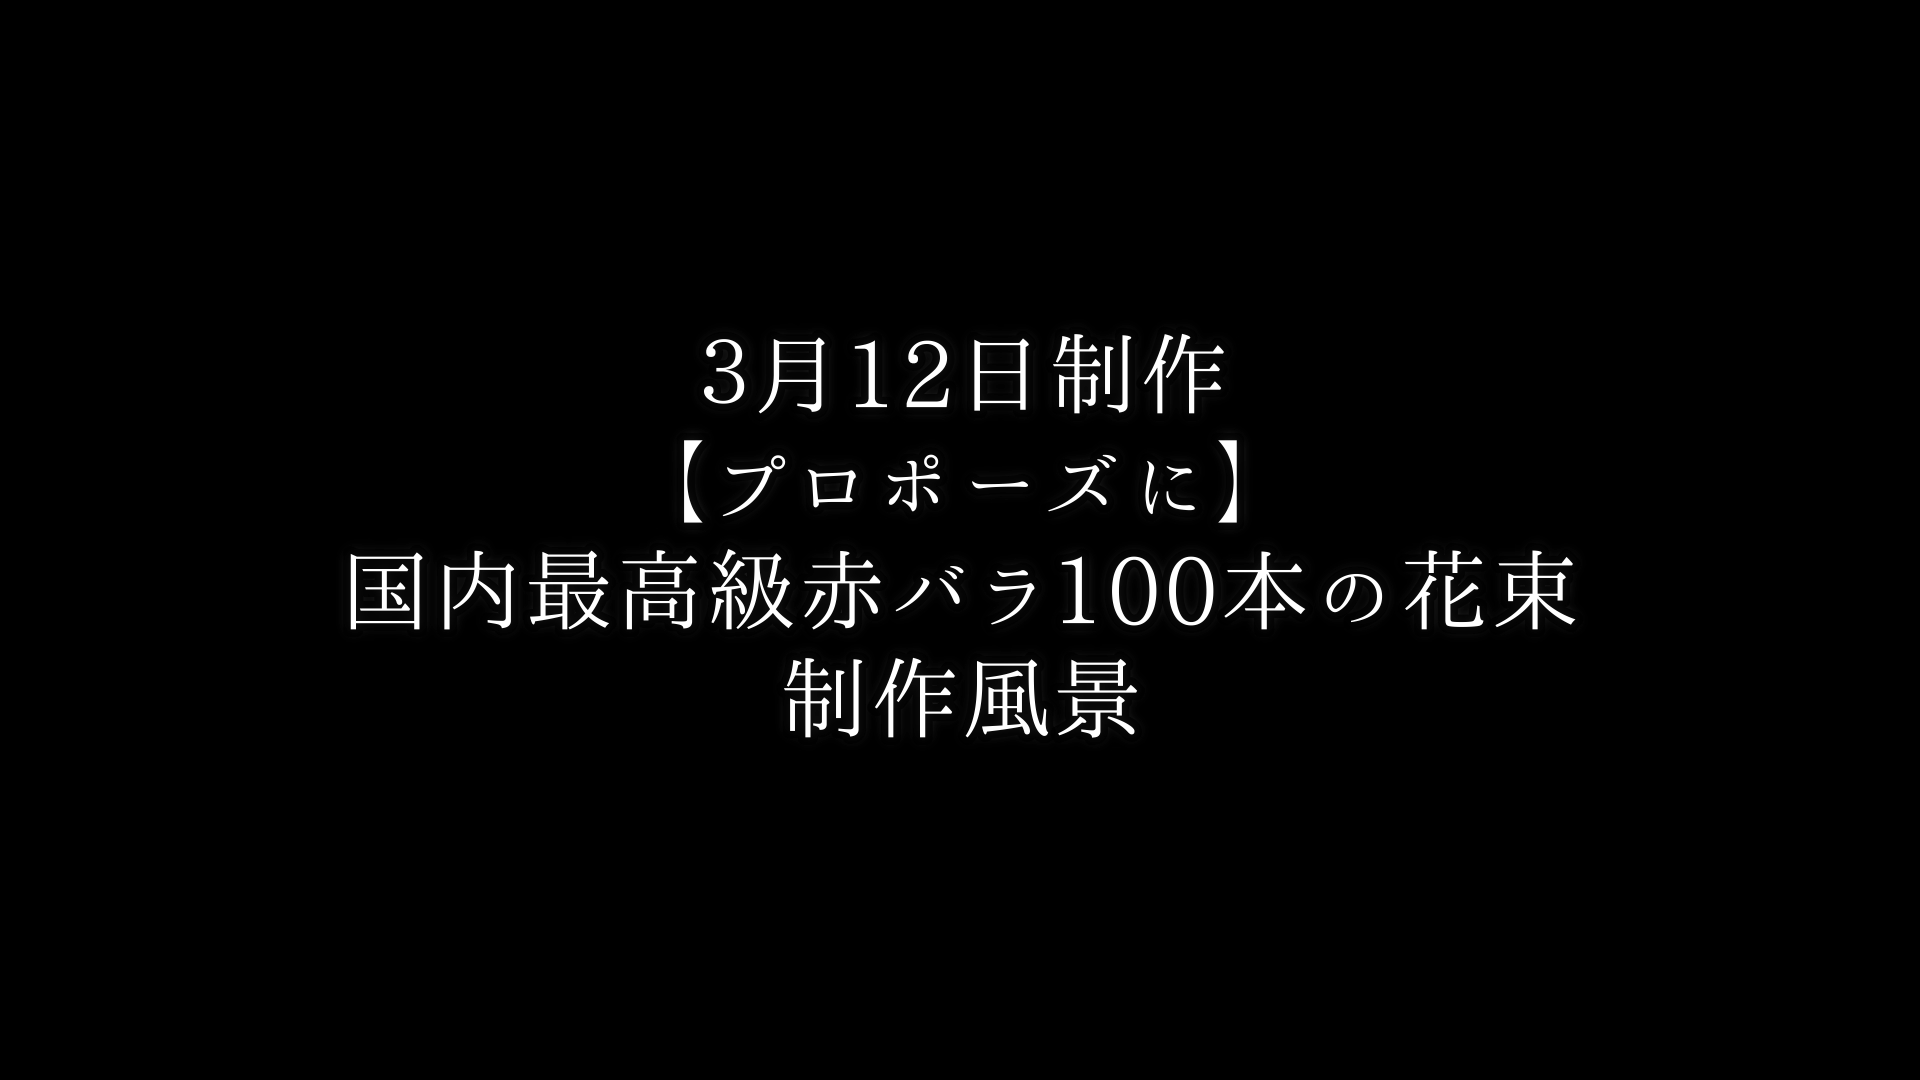 【プロポーズに】バラ100本の花束制作動画 2021/03/12撮影